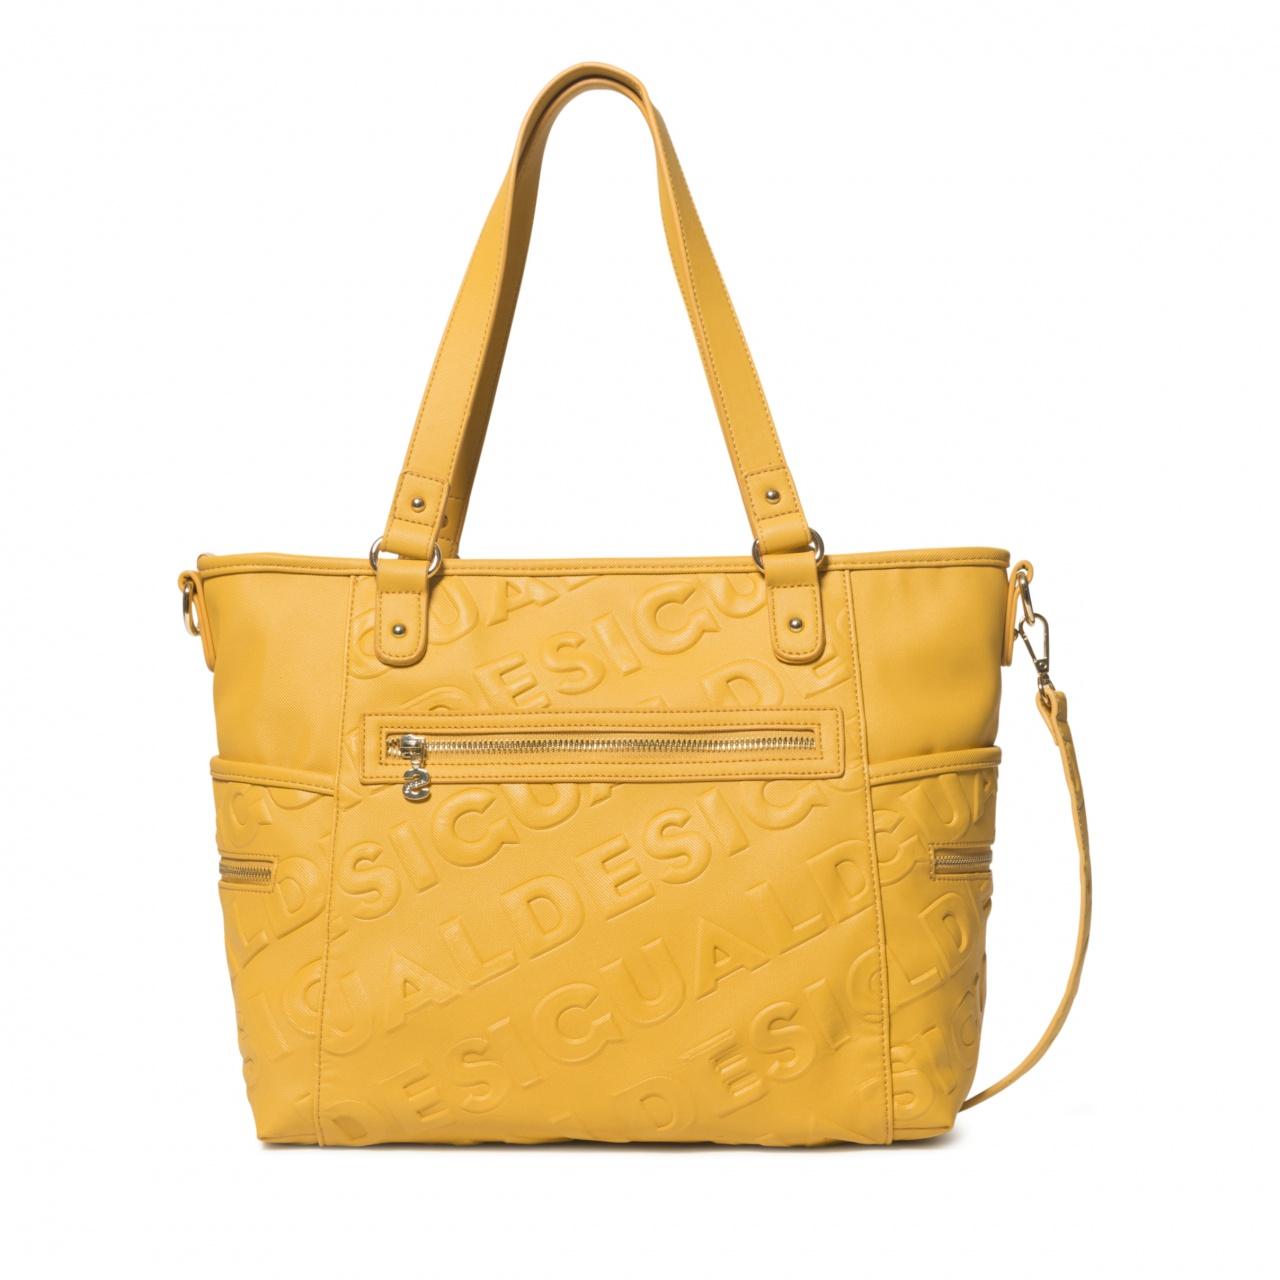 Geantă de damă Desigual Colorama Maxton galben